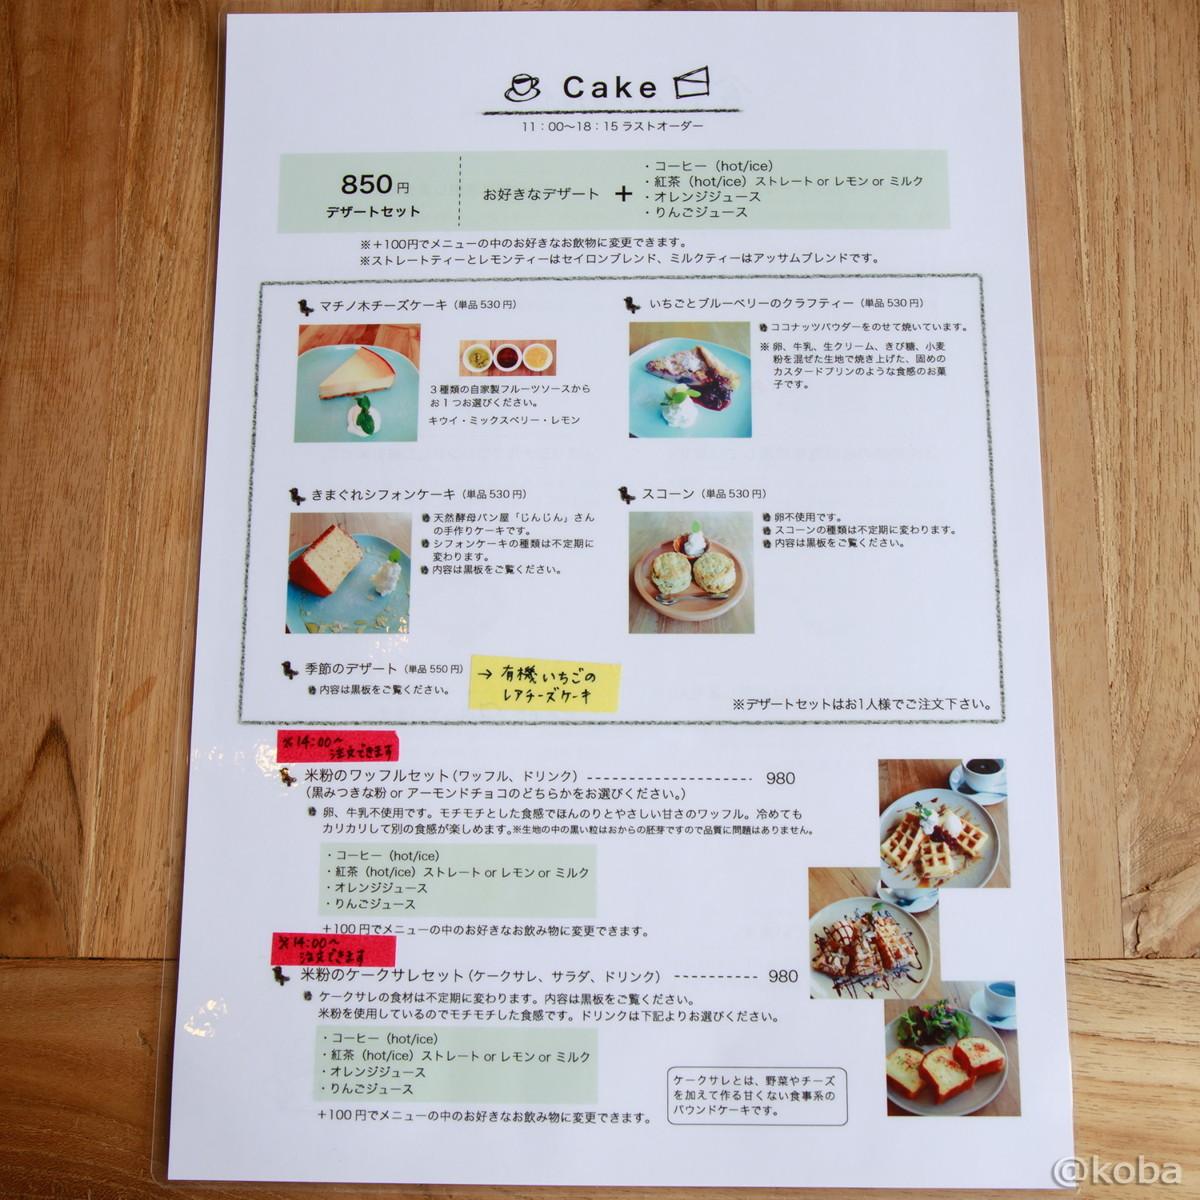 ケーキメニュー 値段 価格│cafe マチノ木(まちのき)│カフェランチ│東京│新小岩ブログ